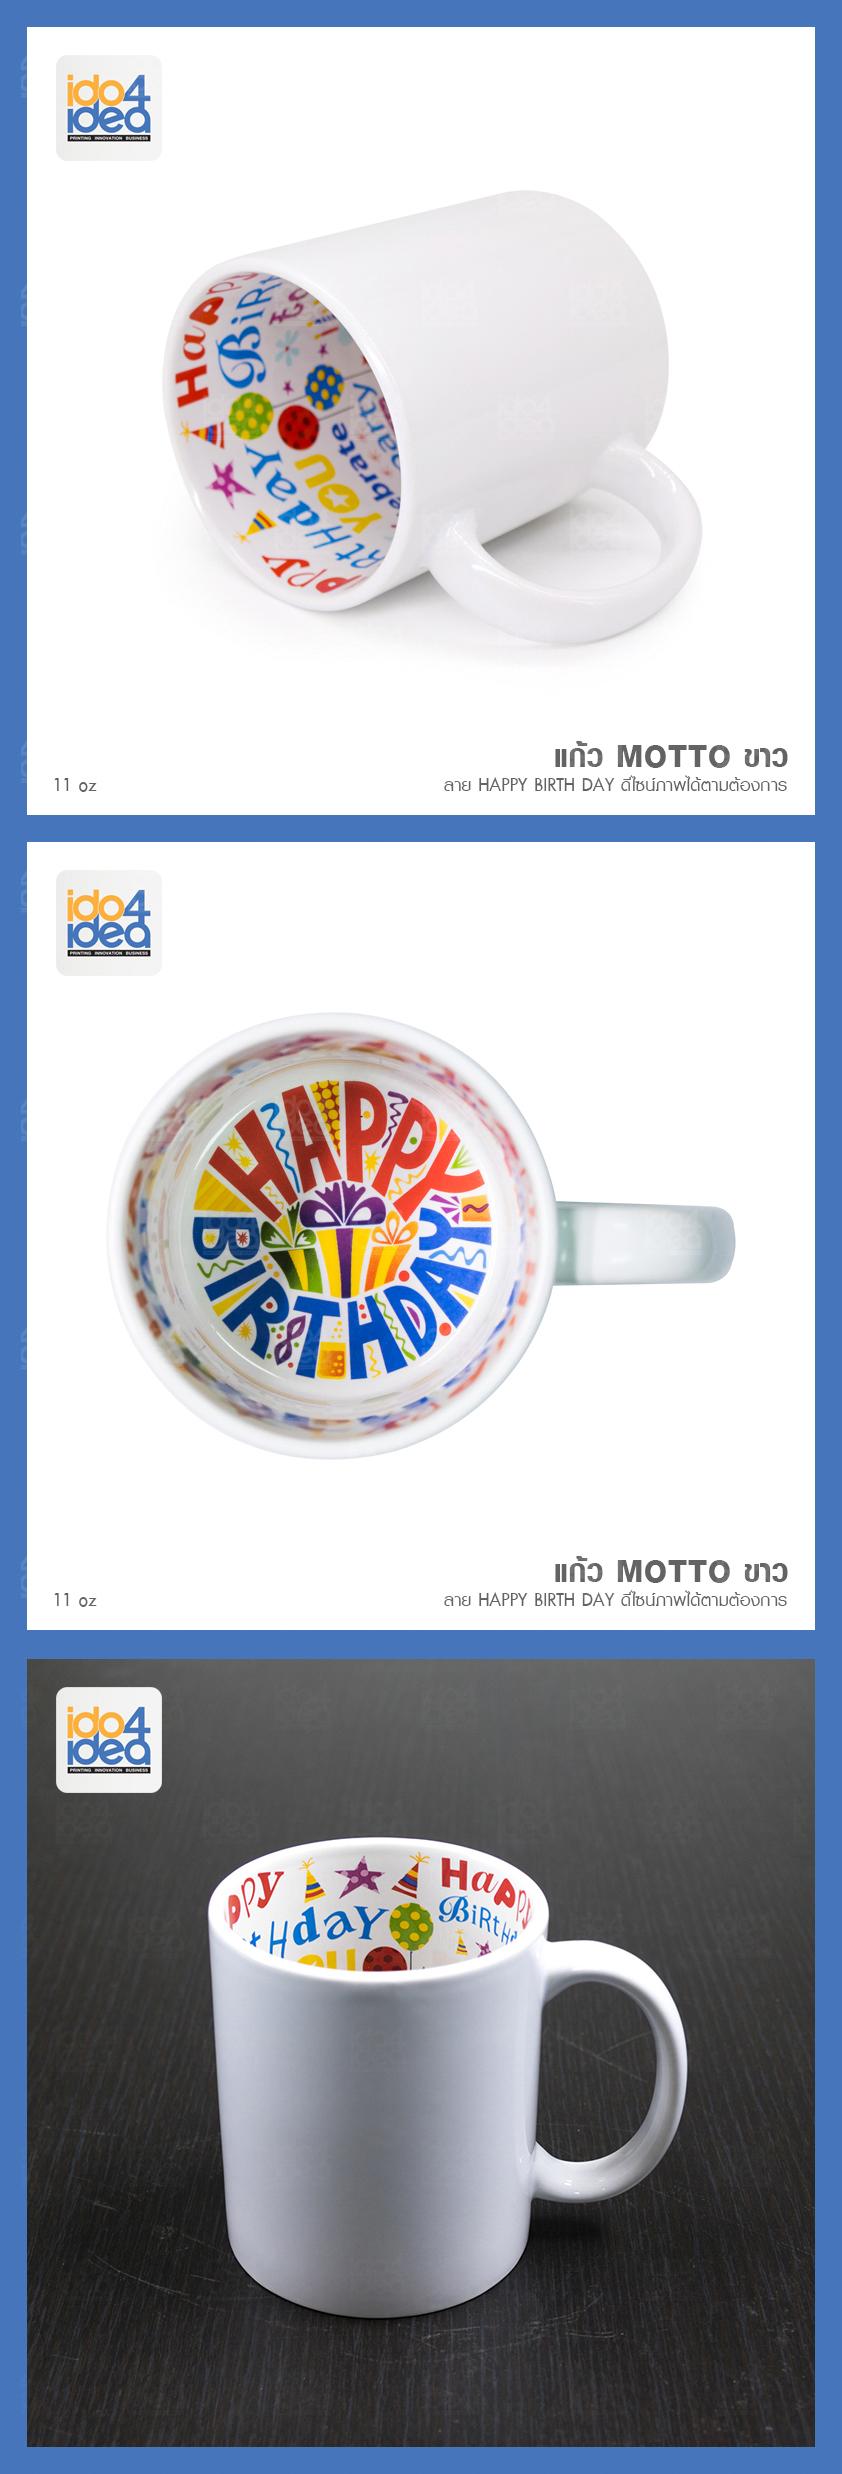 แก้ว Motto ขาว 11 Oz. ทรงกระบอก ลาย Happy Birthday ด้านใน